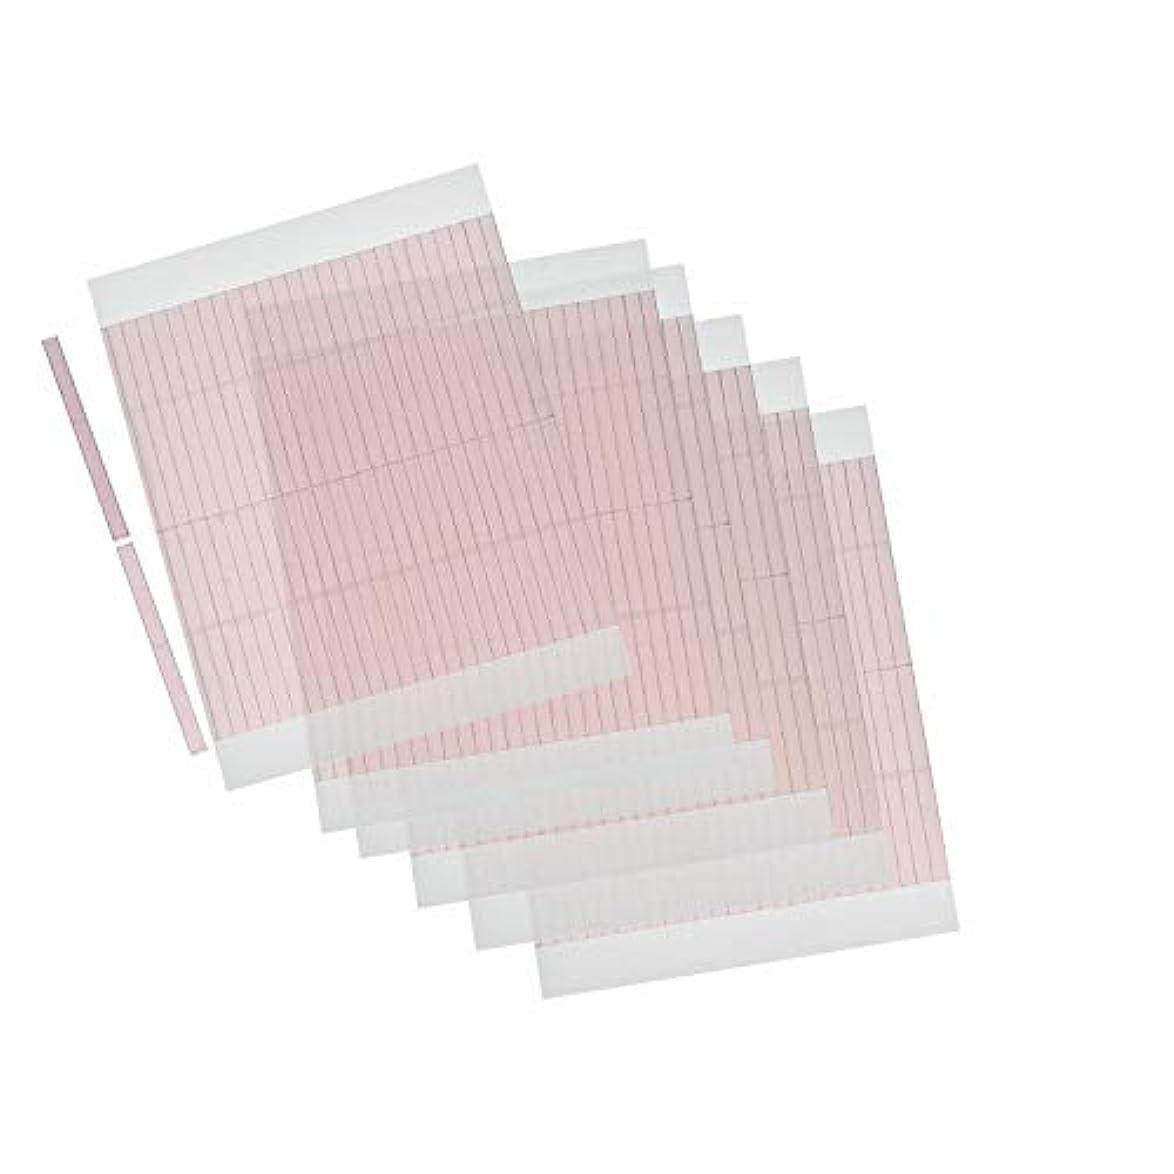 カウボーイ野心的パットm.tivance アイテープ 二重瞼形成 二重テープ 5シートセット 260本入り/アイテープ5枚セット